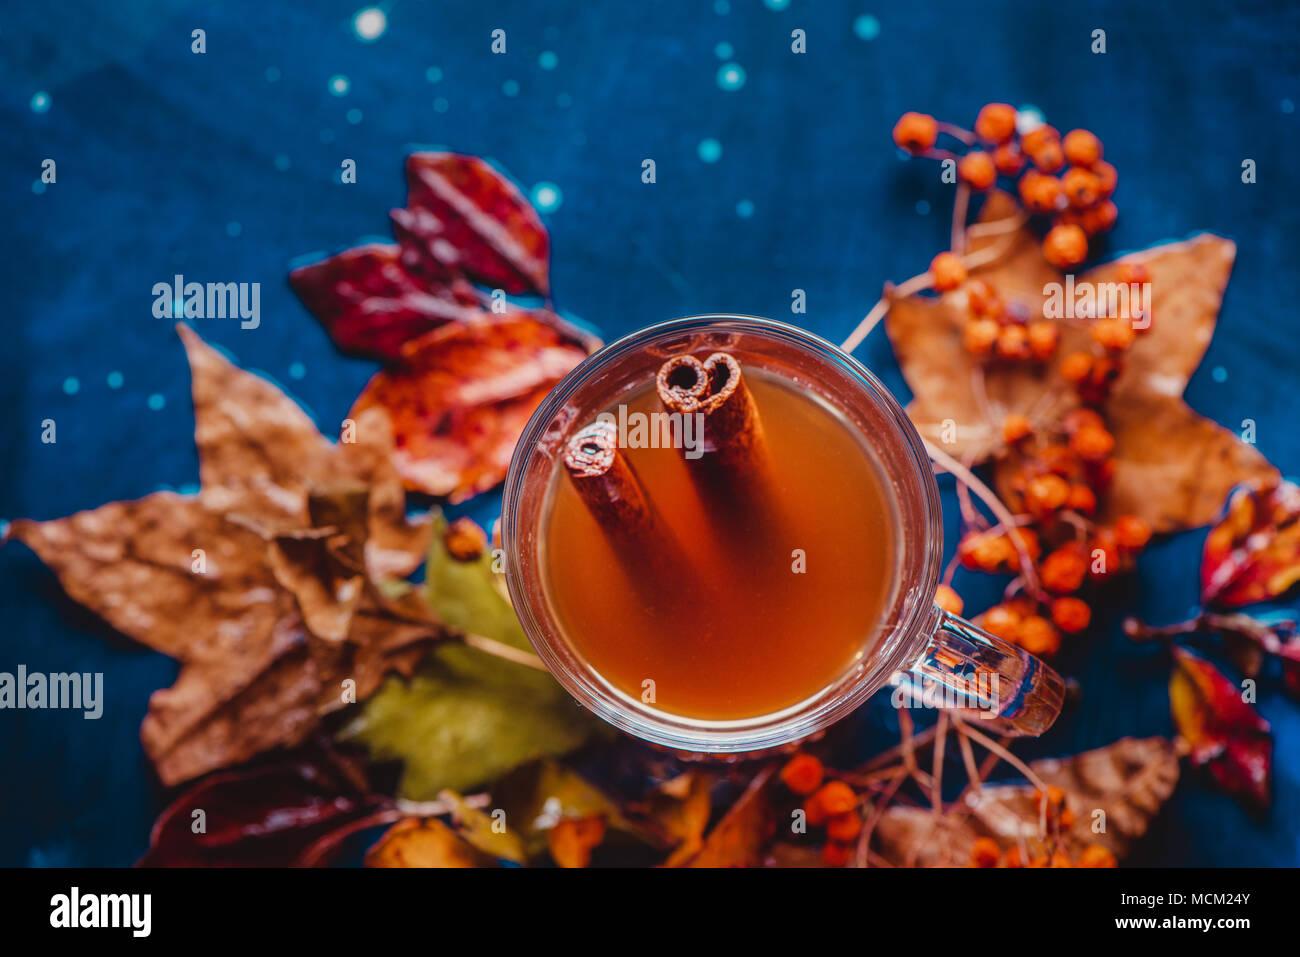 Thé à la cannelle télévision jeter avec les feuilles tombées. Tasse de thé en verre sur un fond de bois humide avec l'exemplaire de l'espace. Automne Nature morte avec des boissons à base de plantes. Photo Stock